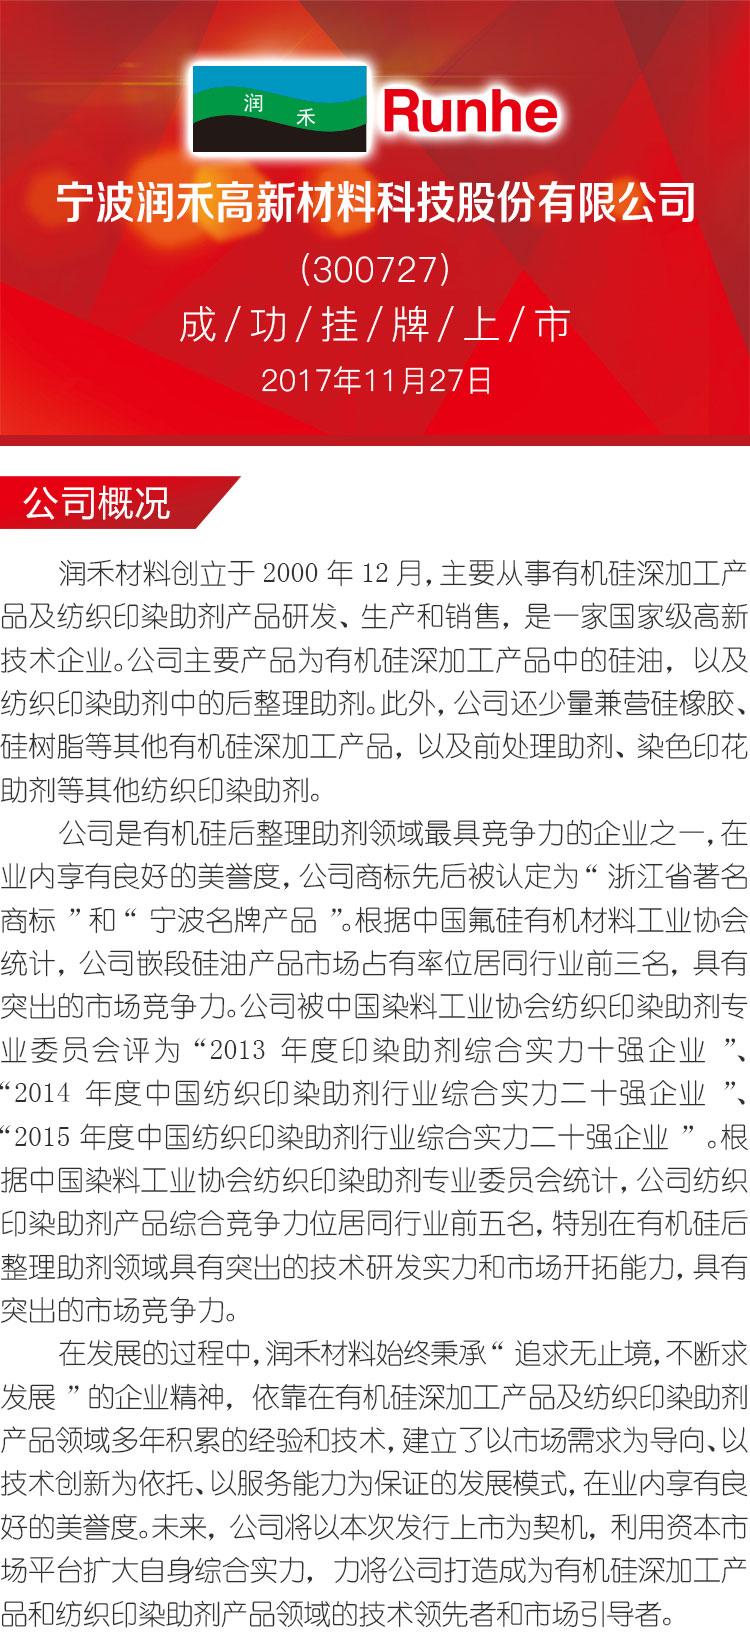 润禾上市海报_01.jpg